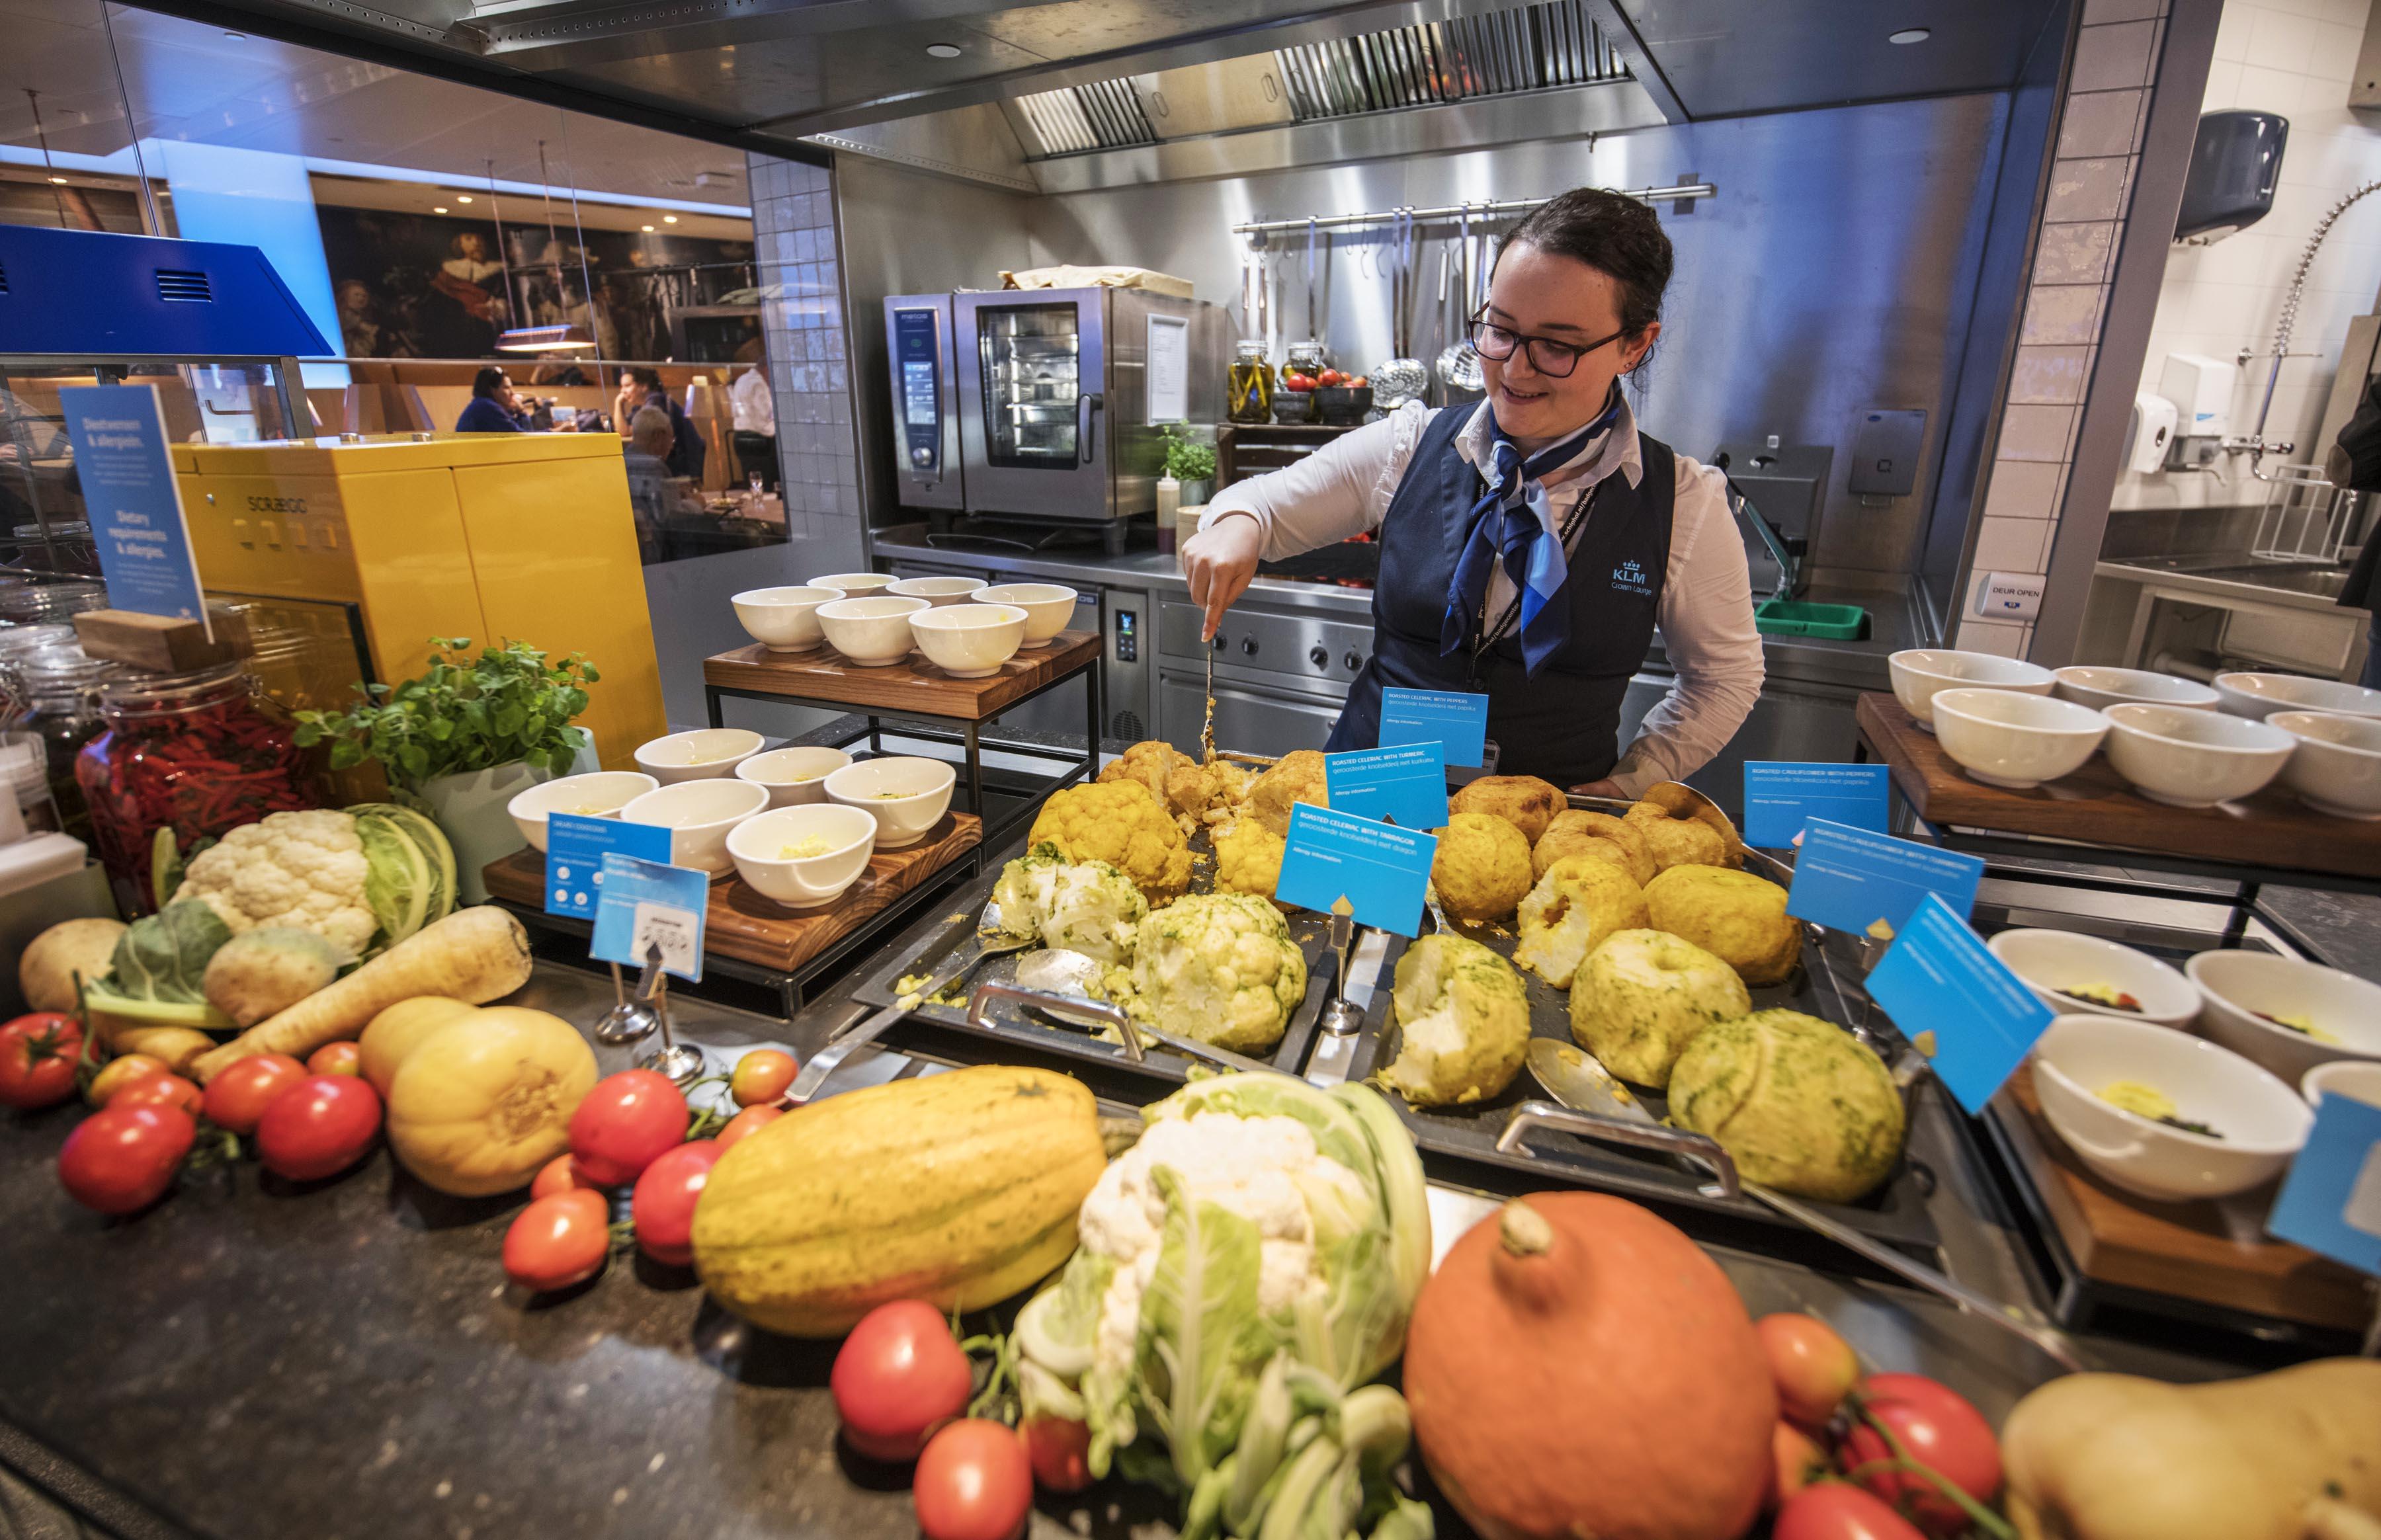 Overdådigt udvalg i buffeten. (Foto: Joakim J. Hvistendahl)